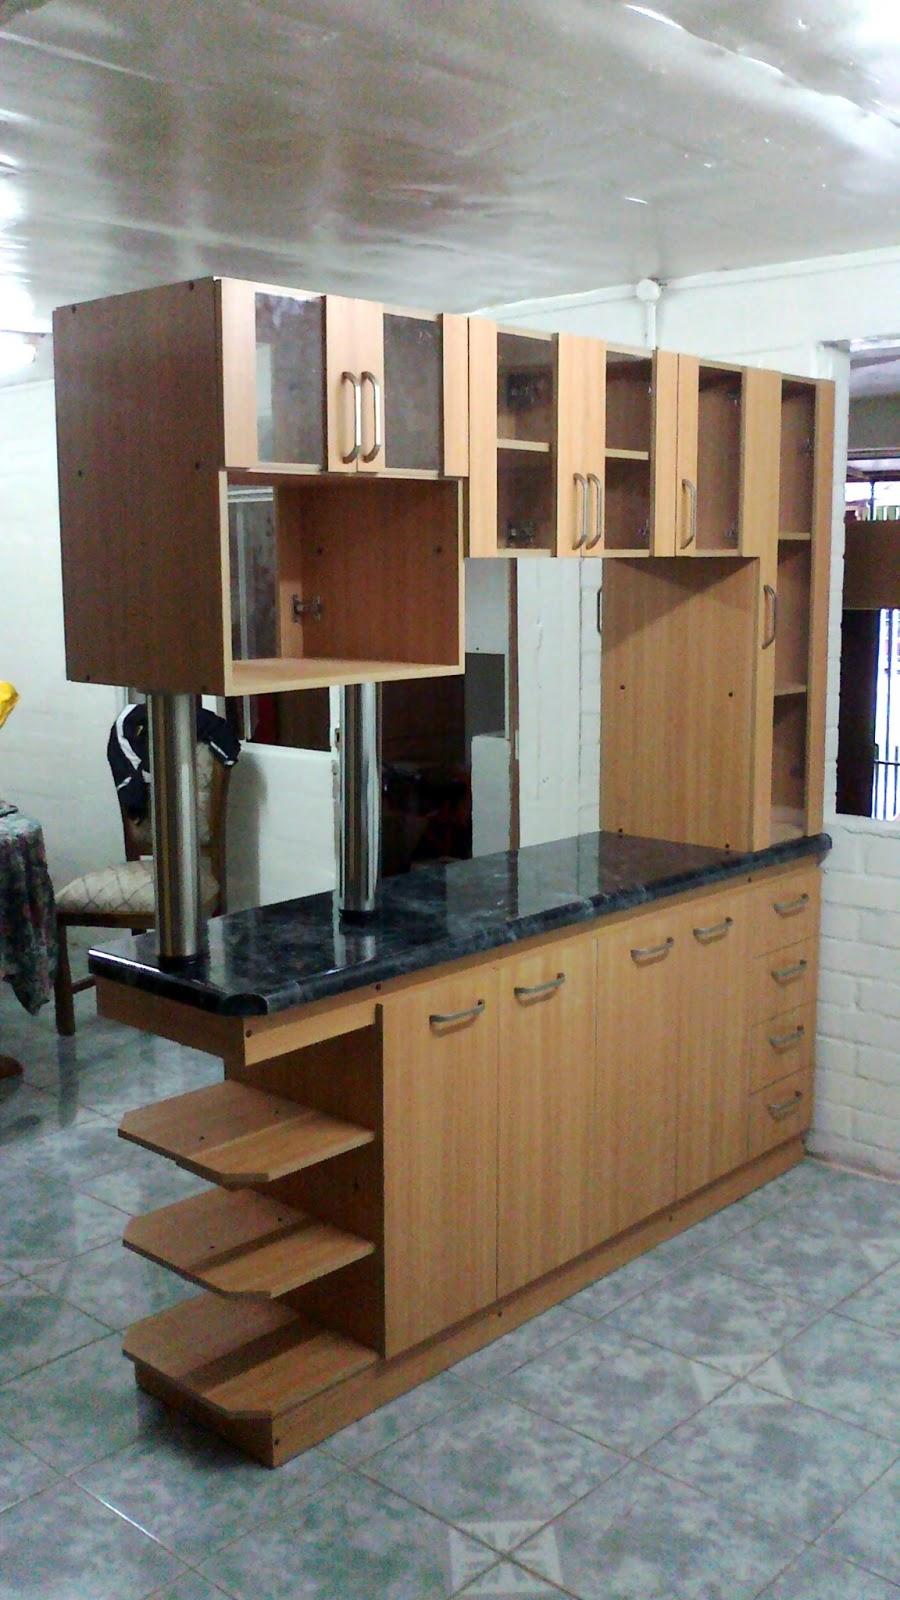 Silva e hijos mueble cocina americana for Muebles para cocina americana pequena